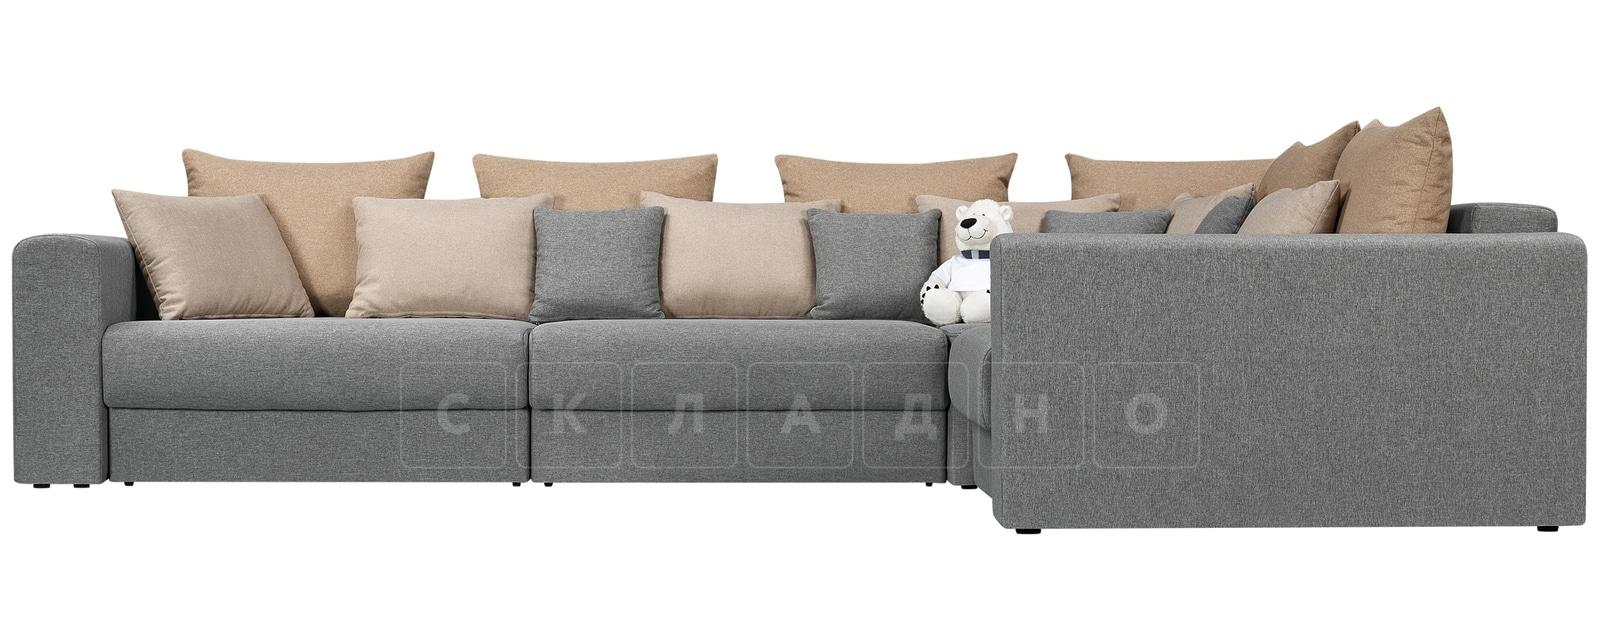 Угловой диван Медисон серый 345х224 см фото 2 | интернет-магазин Складно